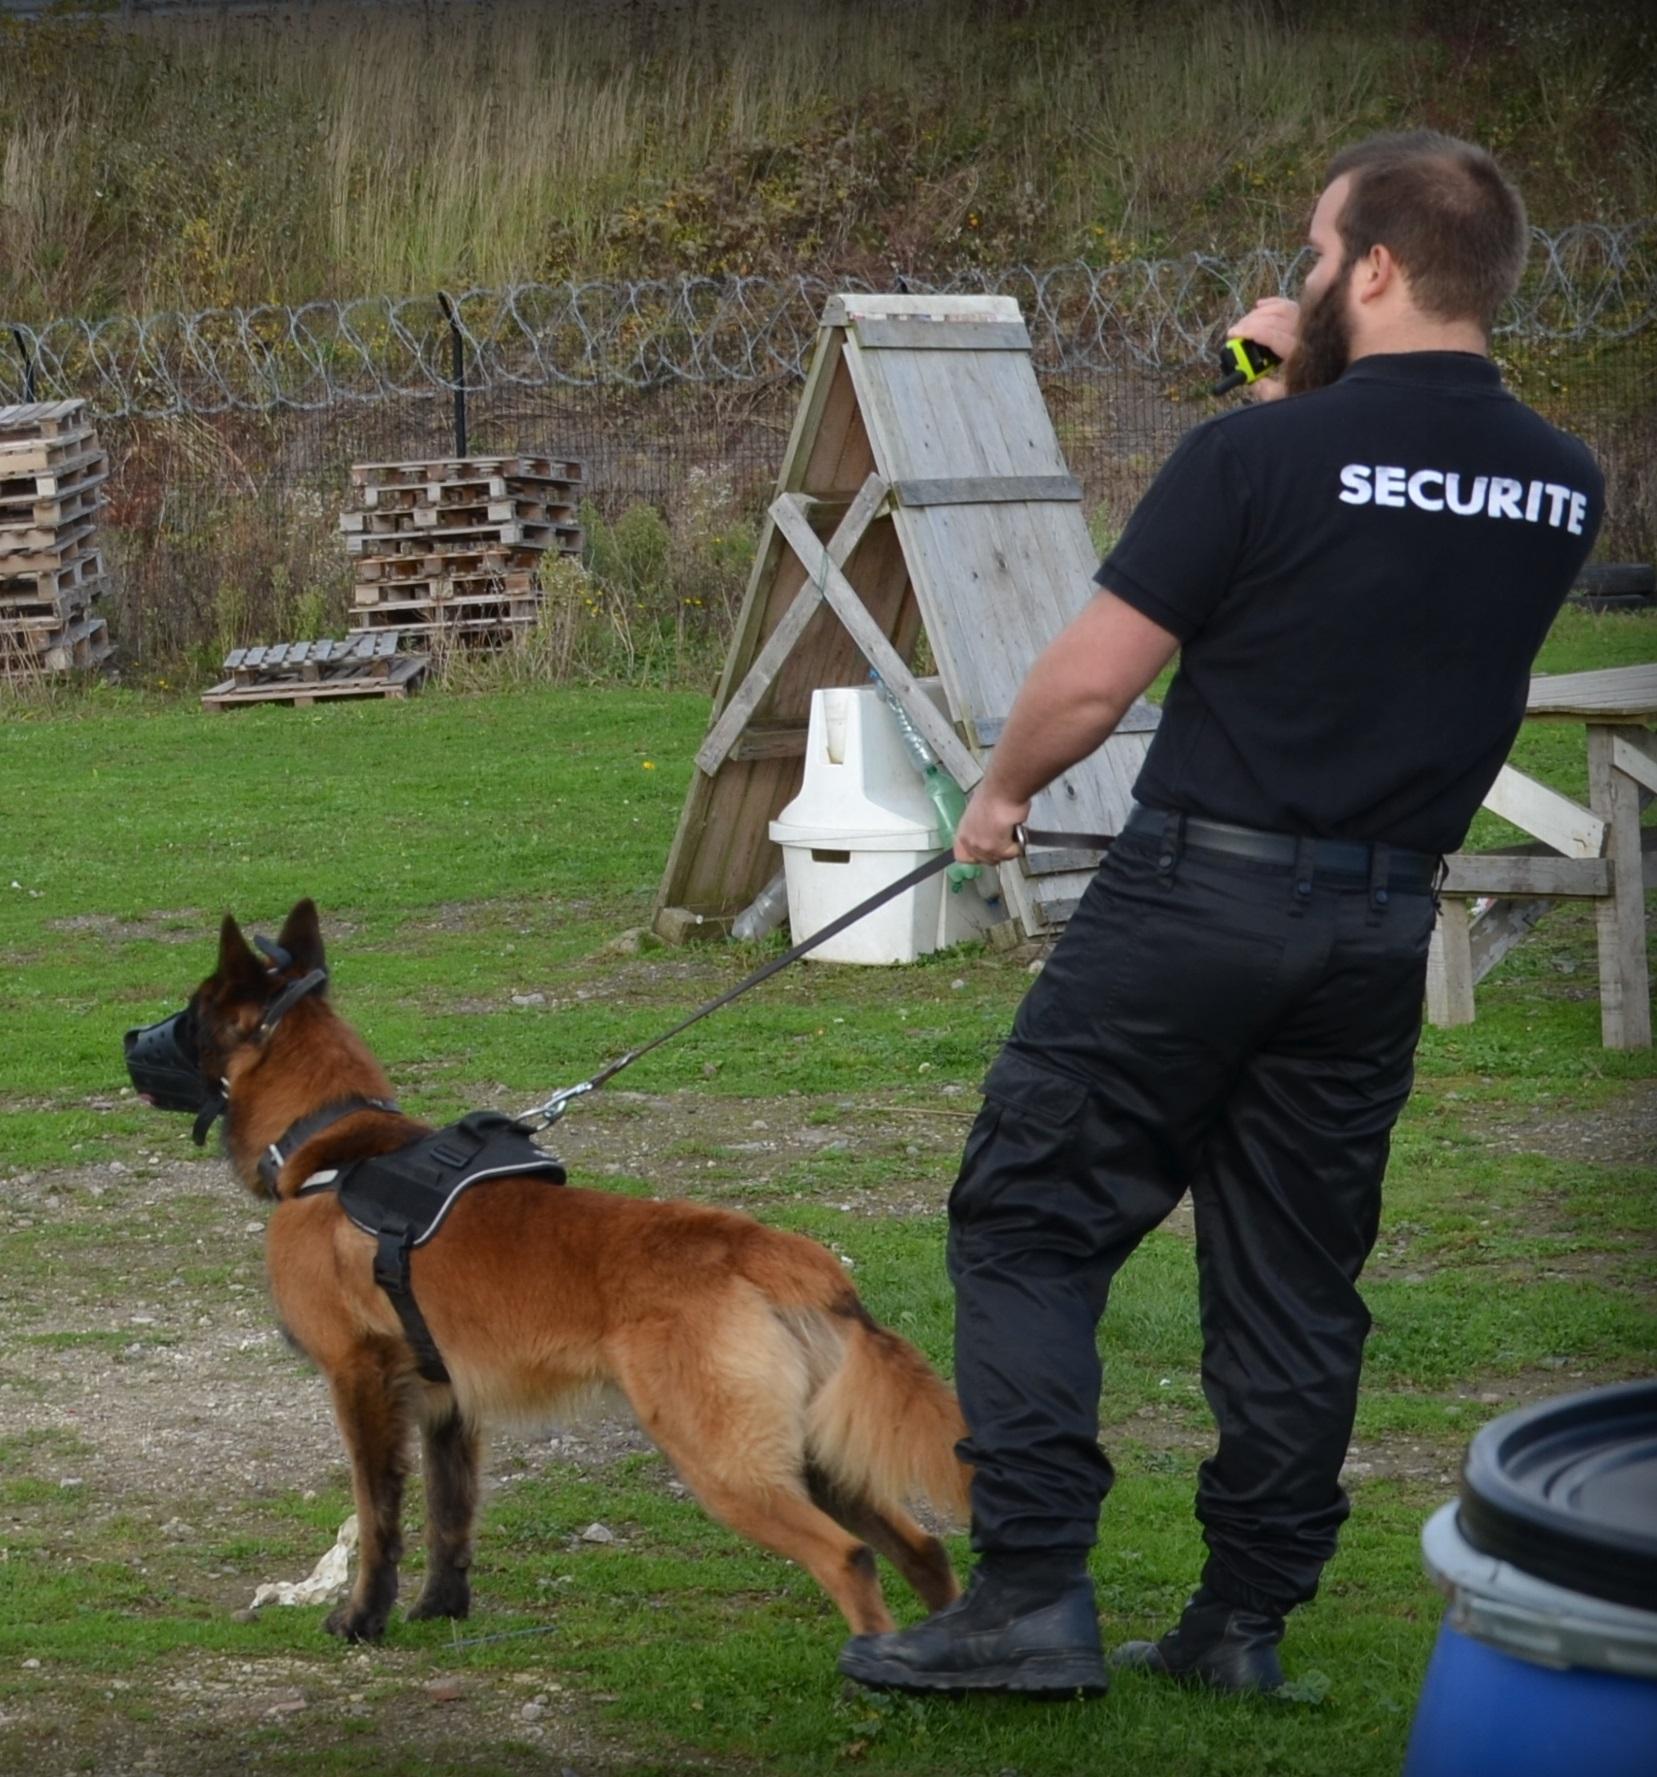 Fichier:Maitre chien.jpg — Wikipédia